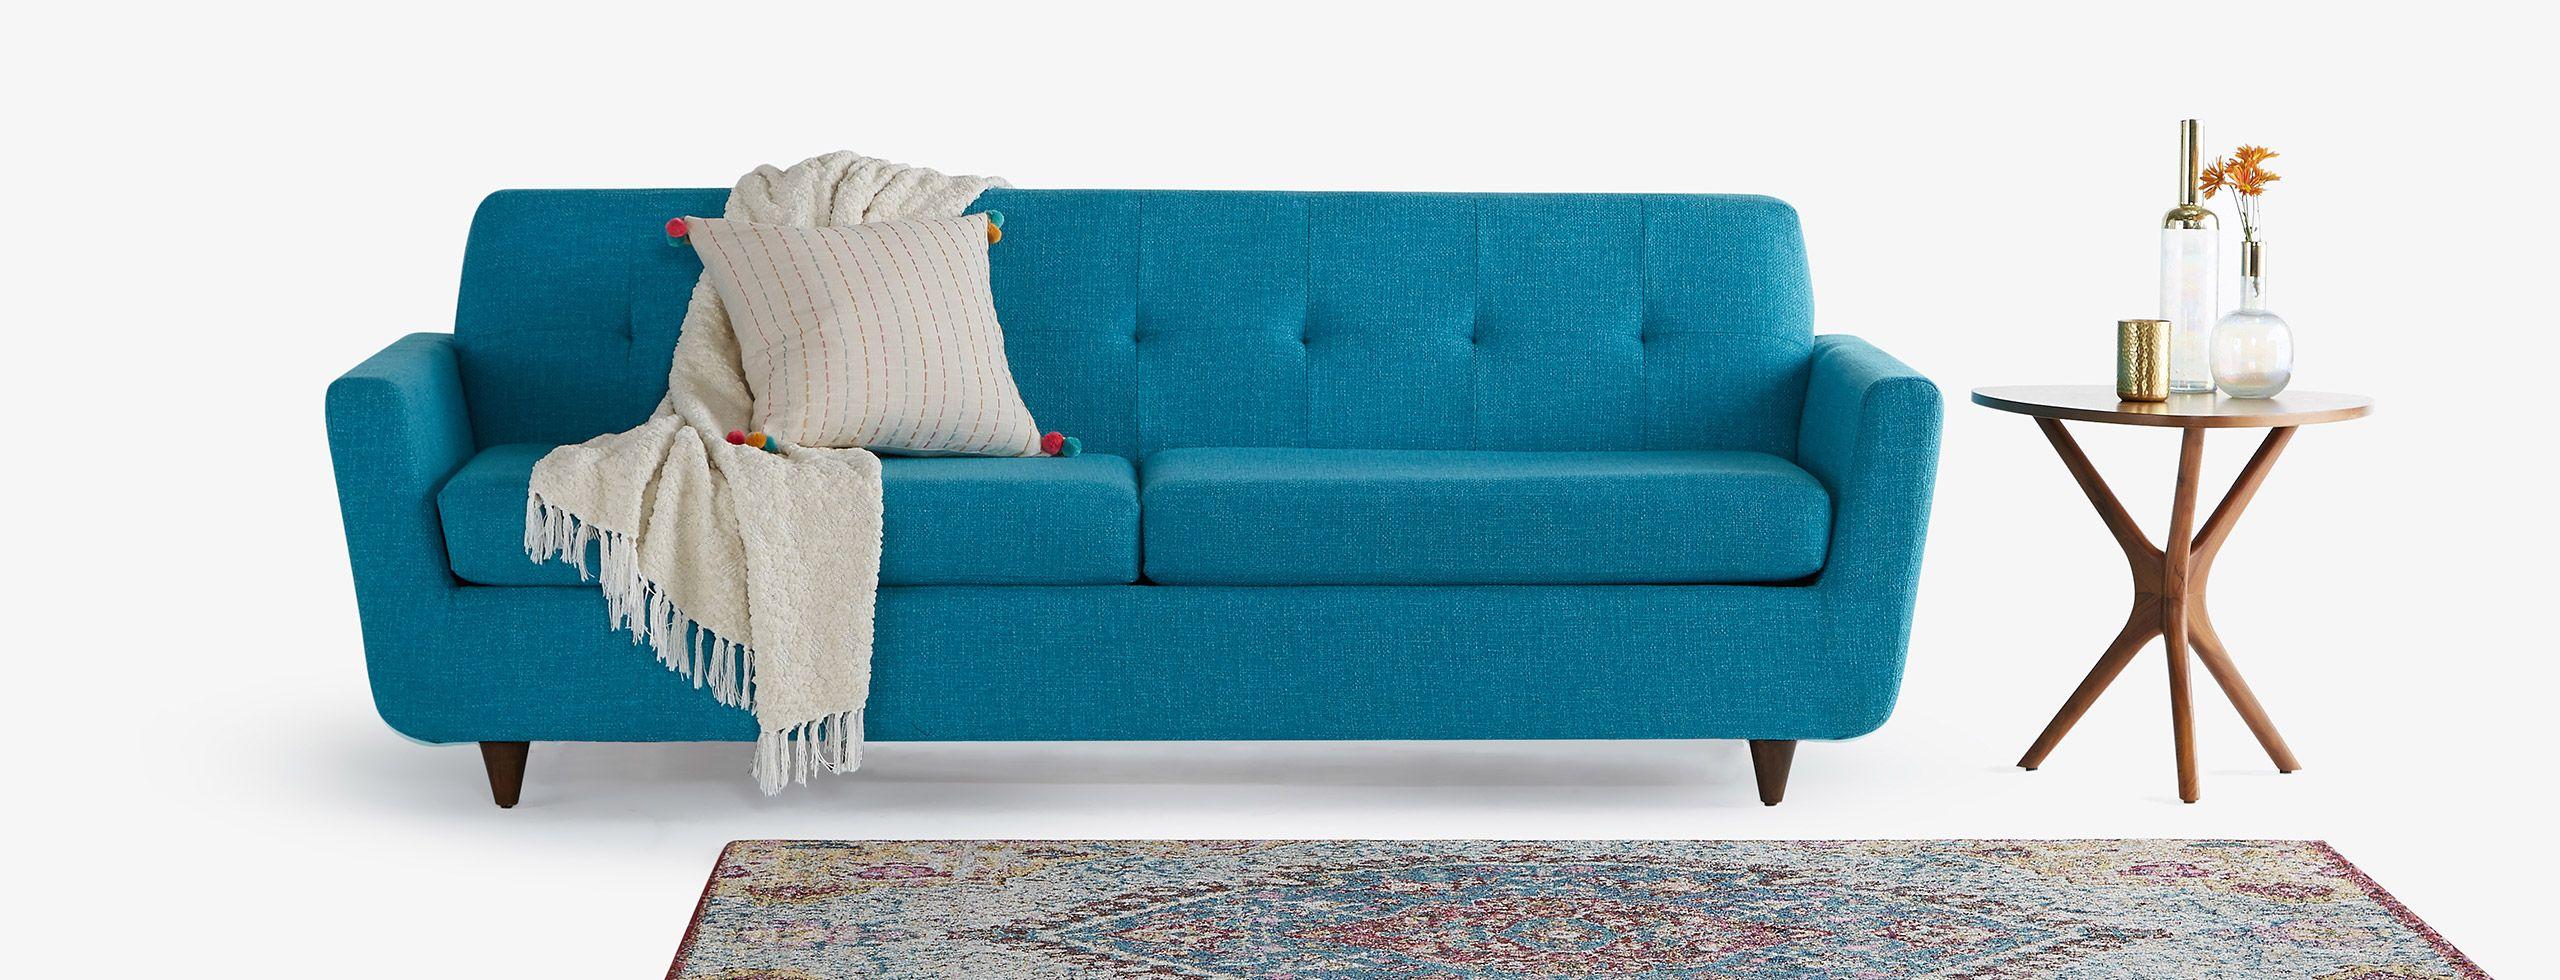 buy online 8eb45 f184c Hughes Sleeper Sofa   Modern cabin   Sleeper sofa, Sofa ...